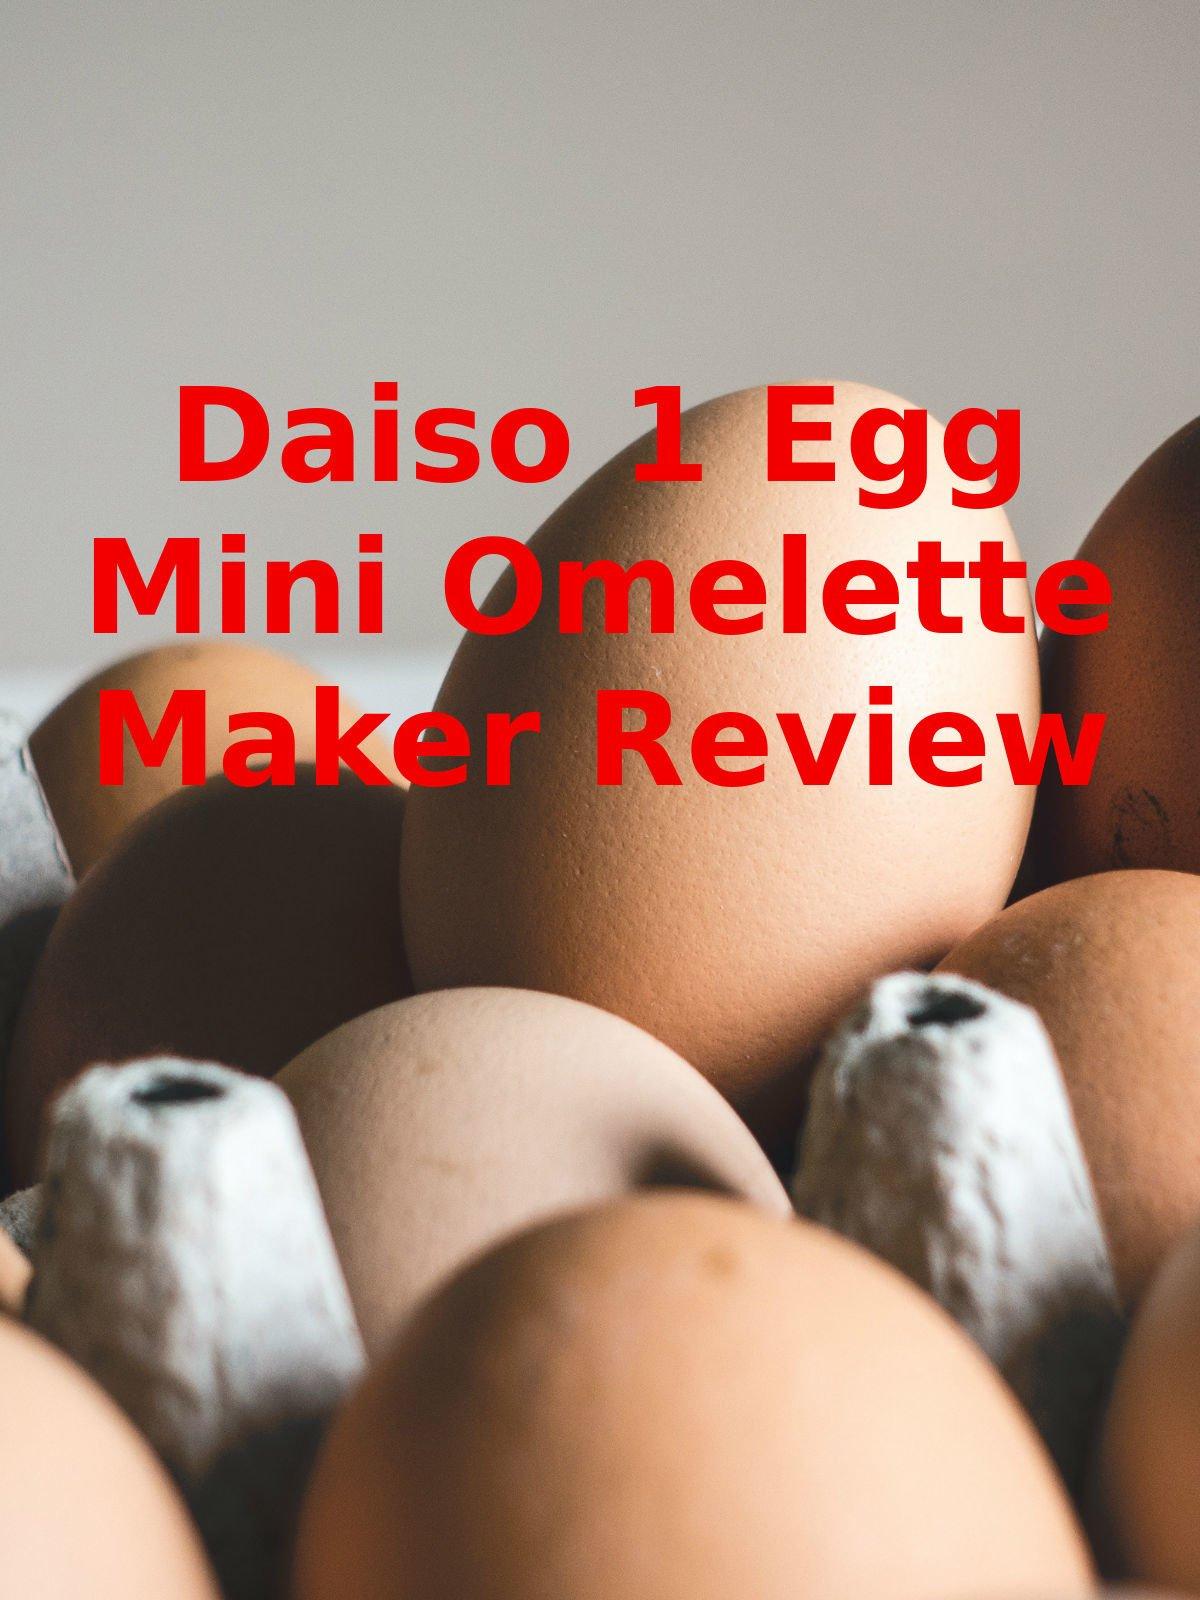 Review: Daiso 1 Egg Mini Omelette Maker Review